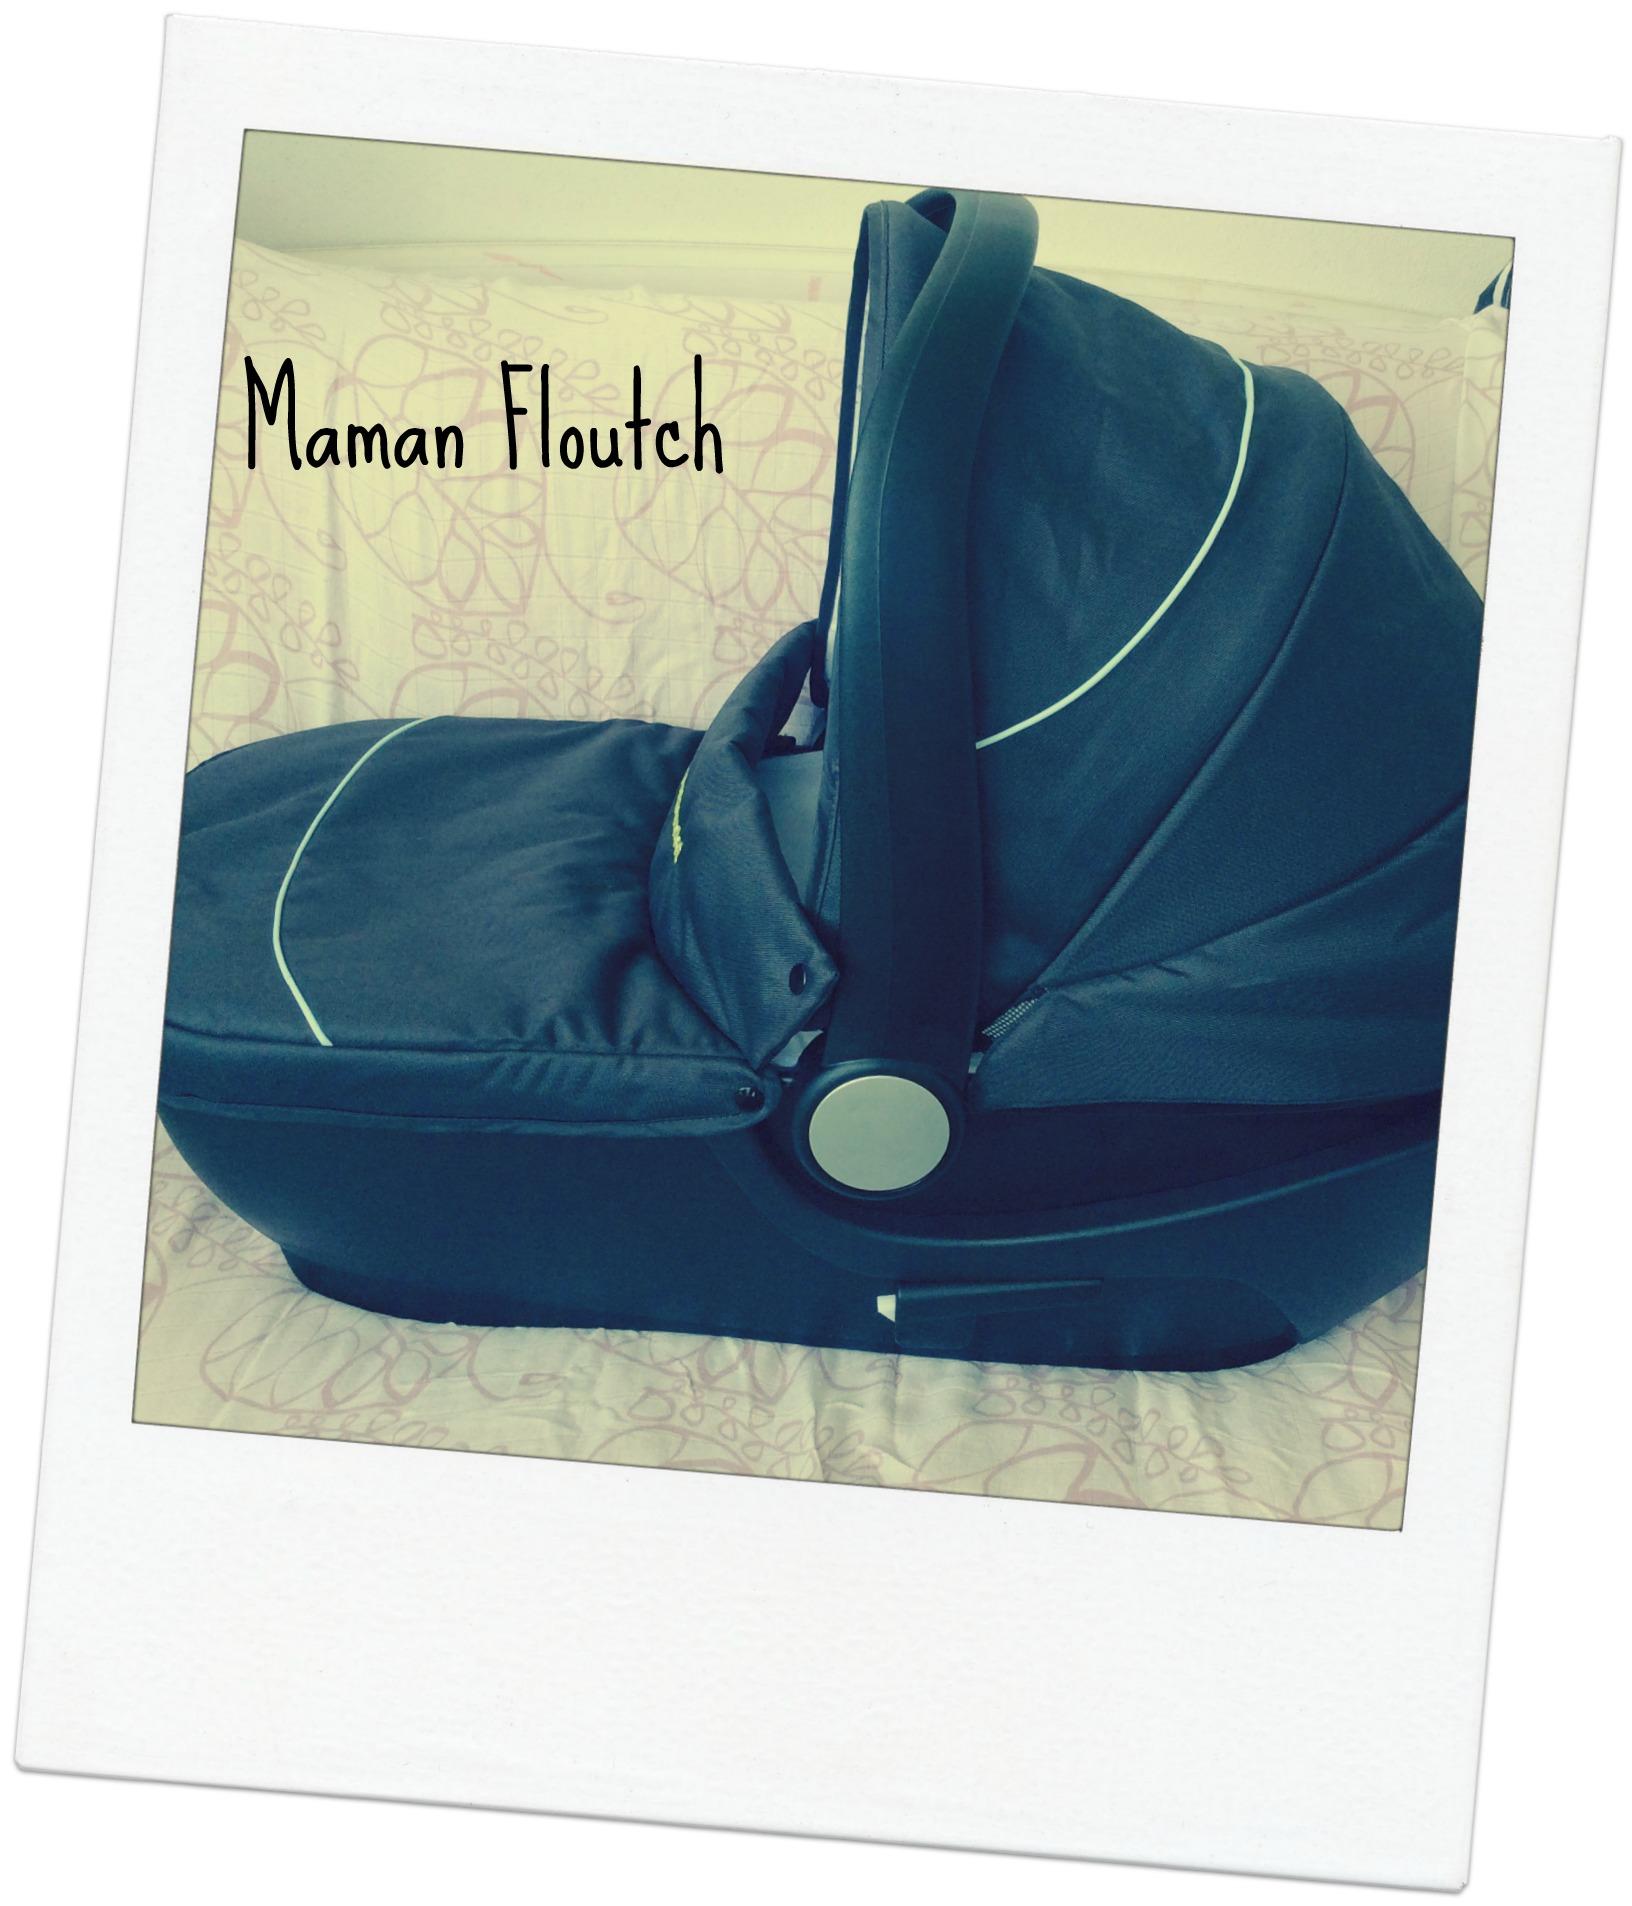 L ensemble TrioCity de VERTBAUDET chez les Floutch… – Maman Floutch ... 3064e27512c